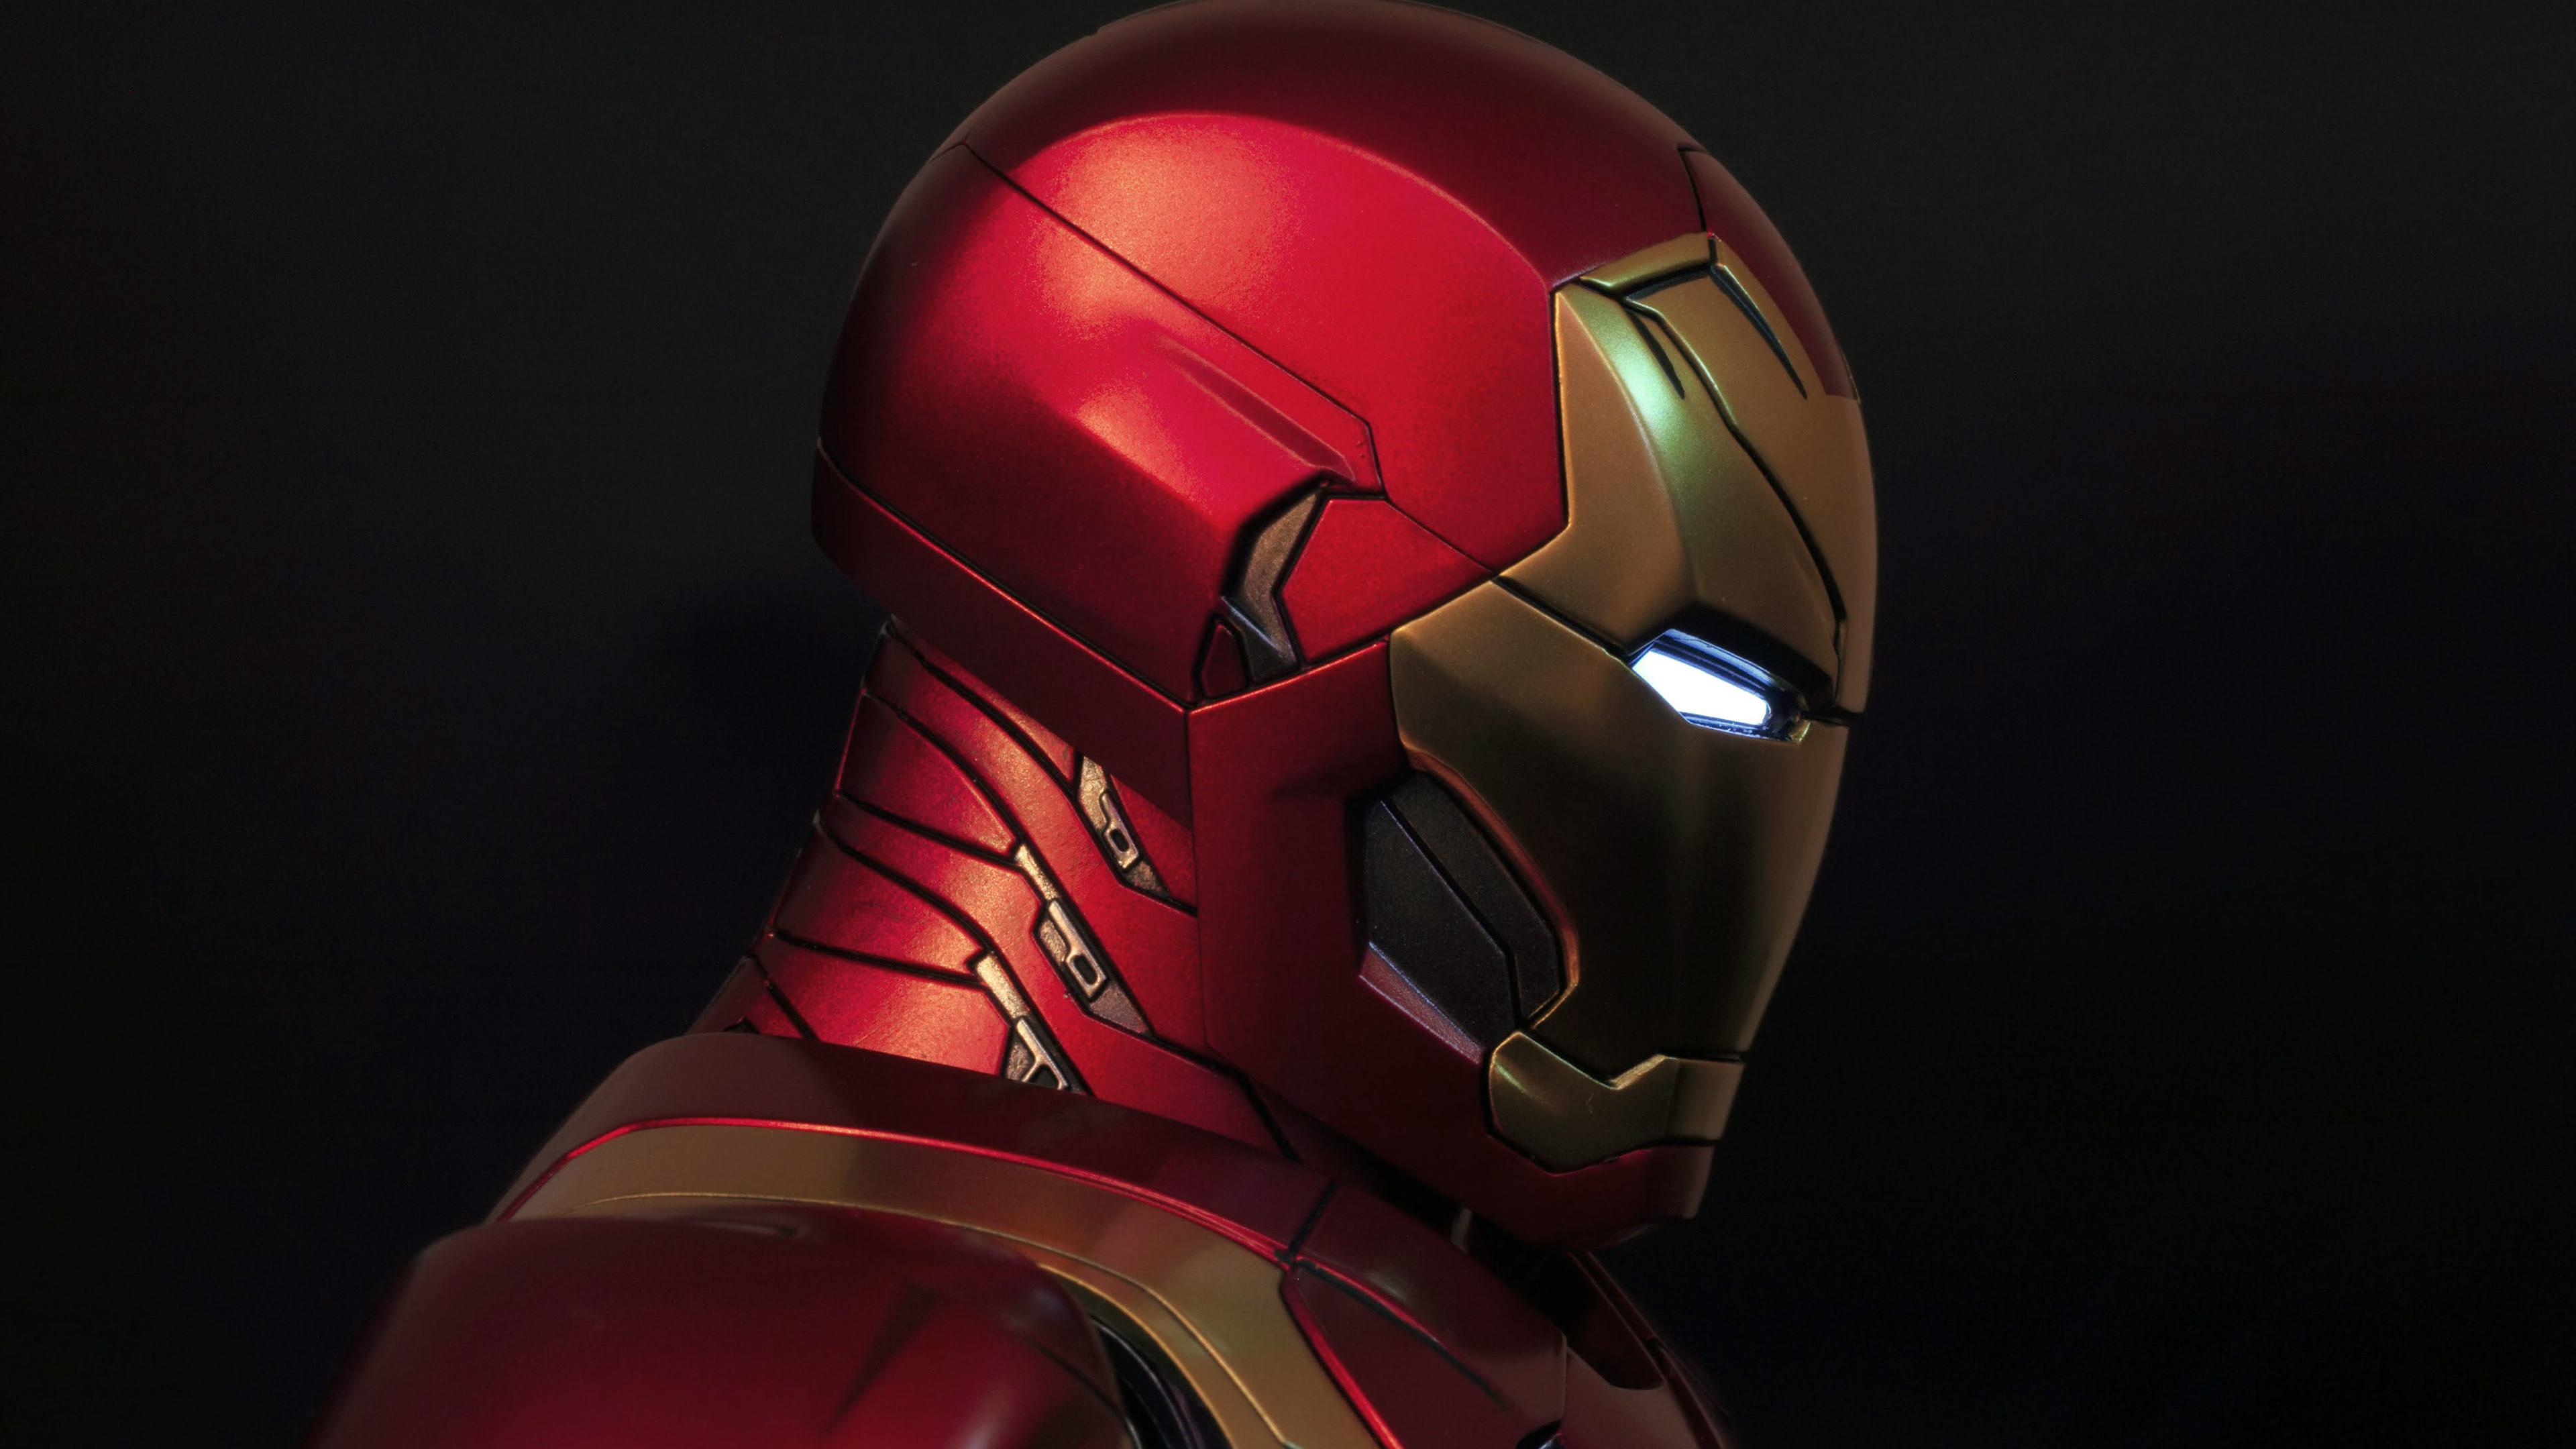 iron man mark xlvi 4k 1553071706 - Iron Man Mark XLVI 4k - superheroes wallpapers, iron man wallpapers, hd-wallpapers, digital art wallpapers, behance wallpapers, artwork wallpapers, 4k-wallpapers